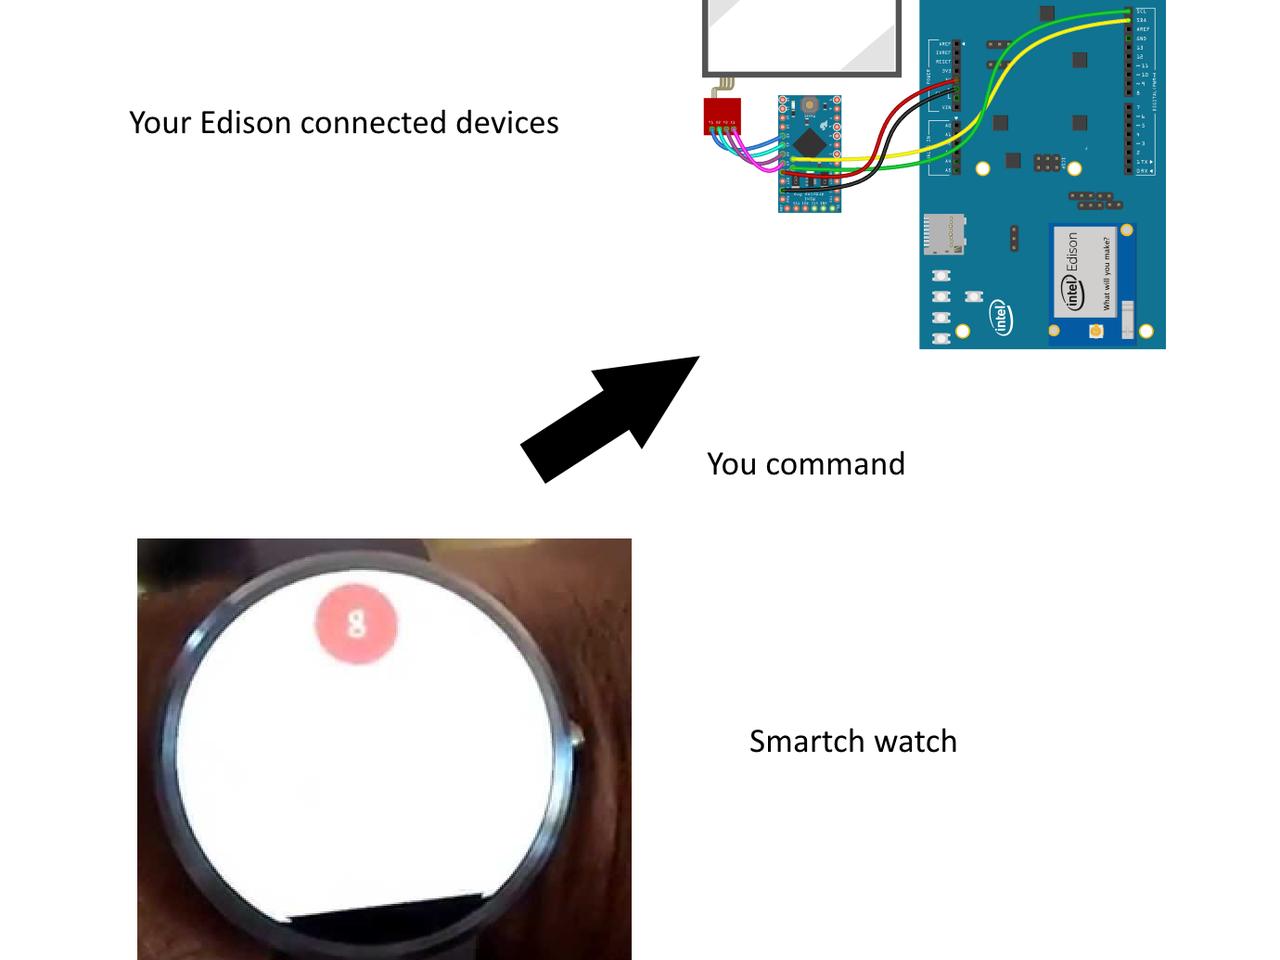 Smart Watch Automation